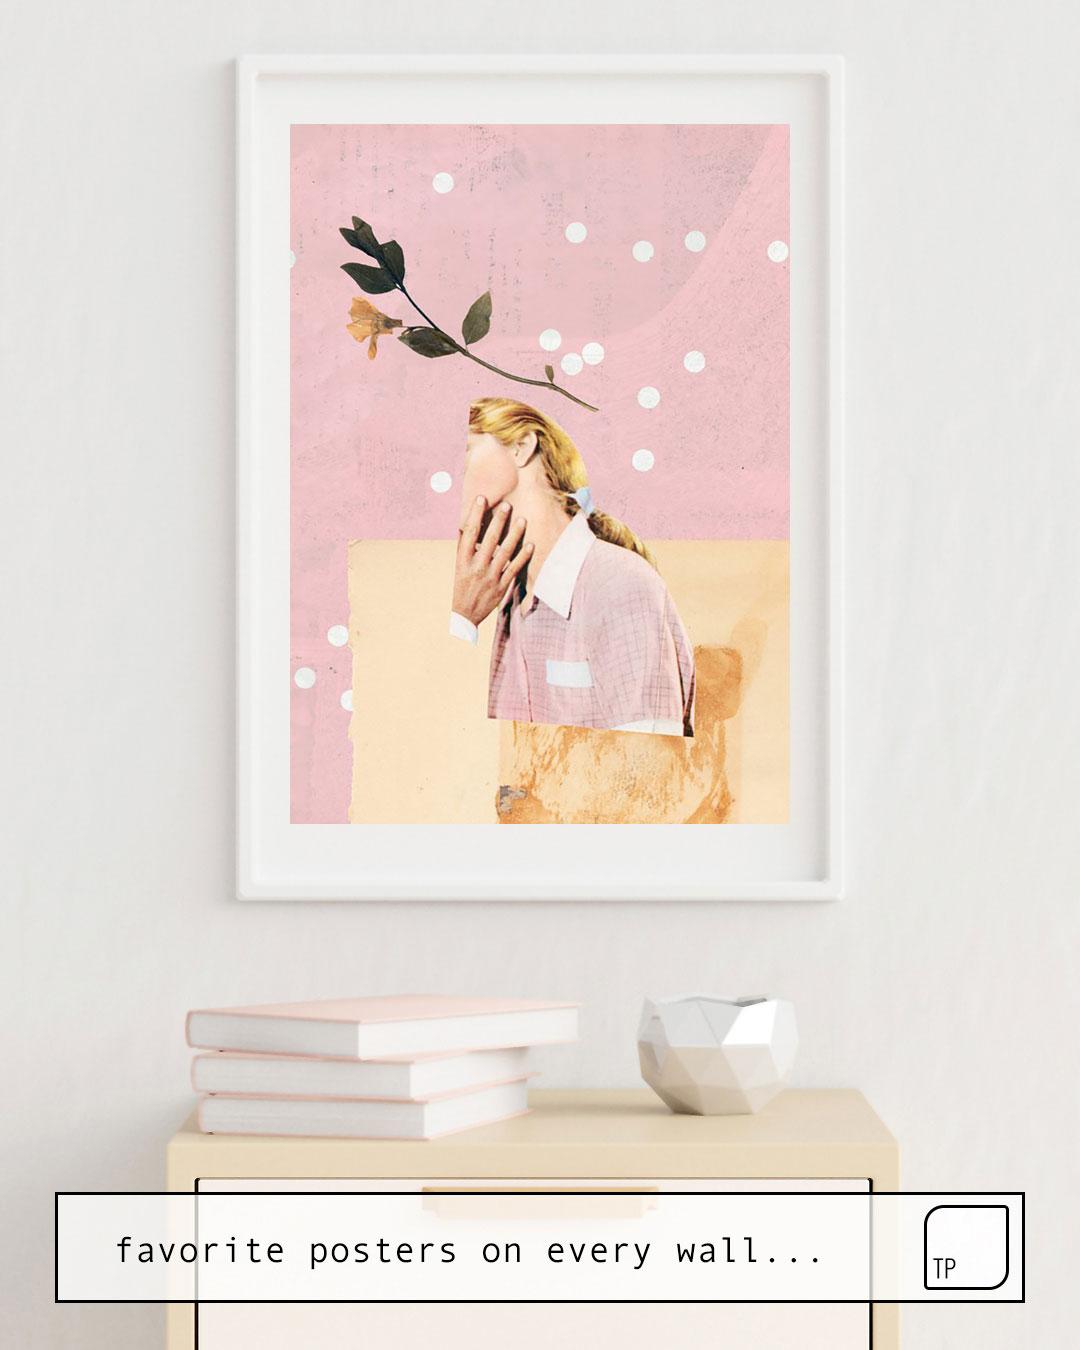 La foto muestra un ejemplo de decoración con el motivo LOVE LETTER por Beth Hoeckel como un mural